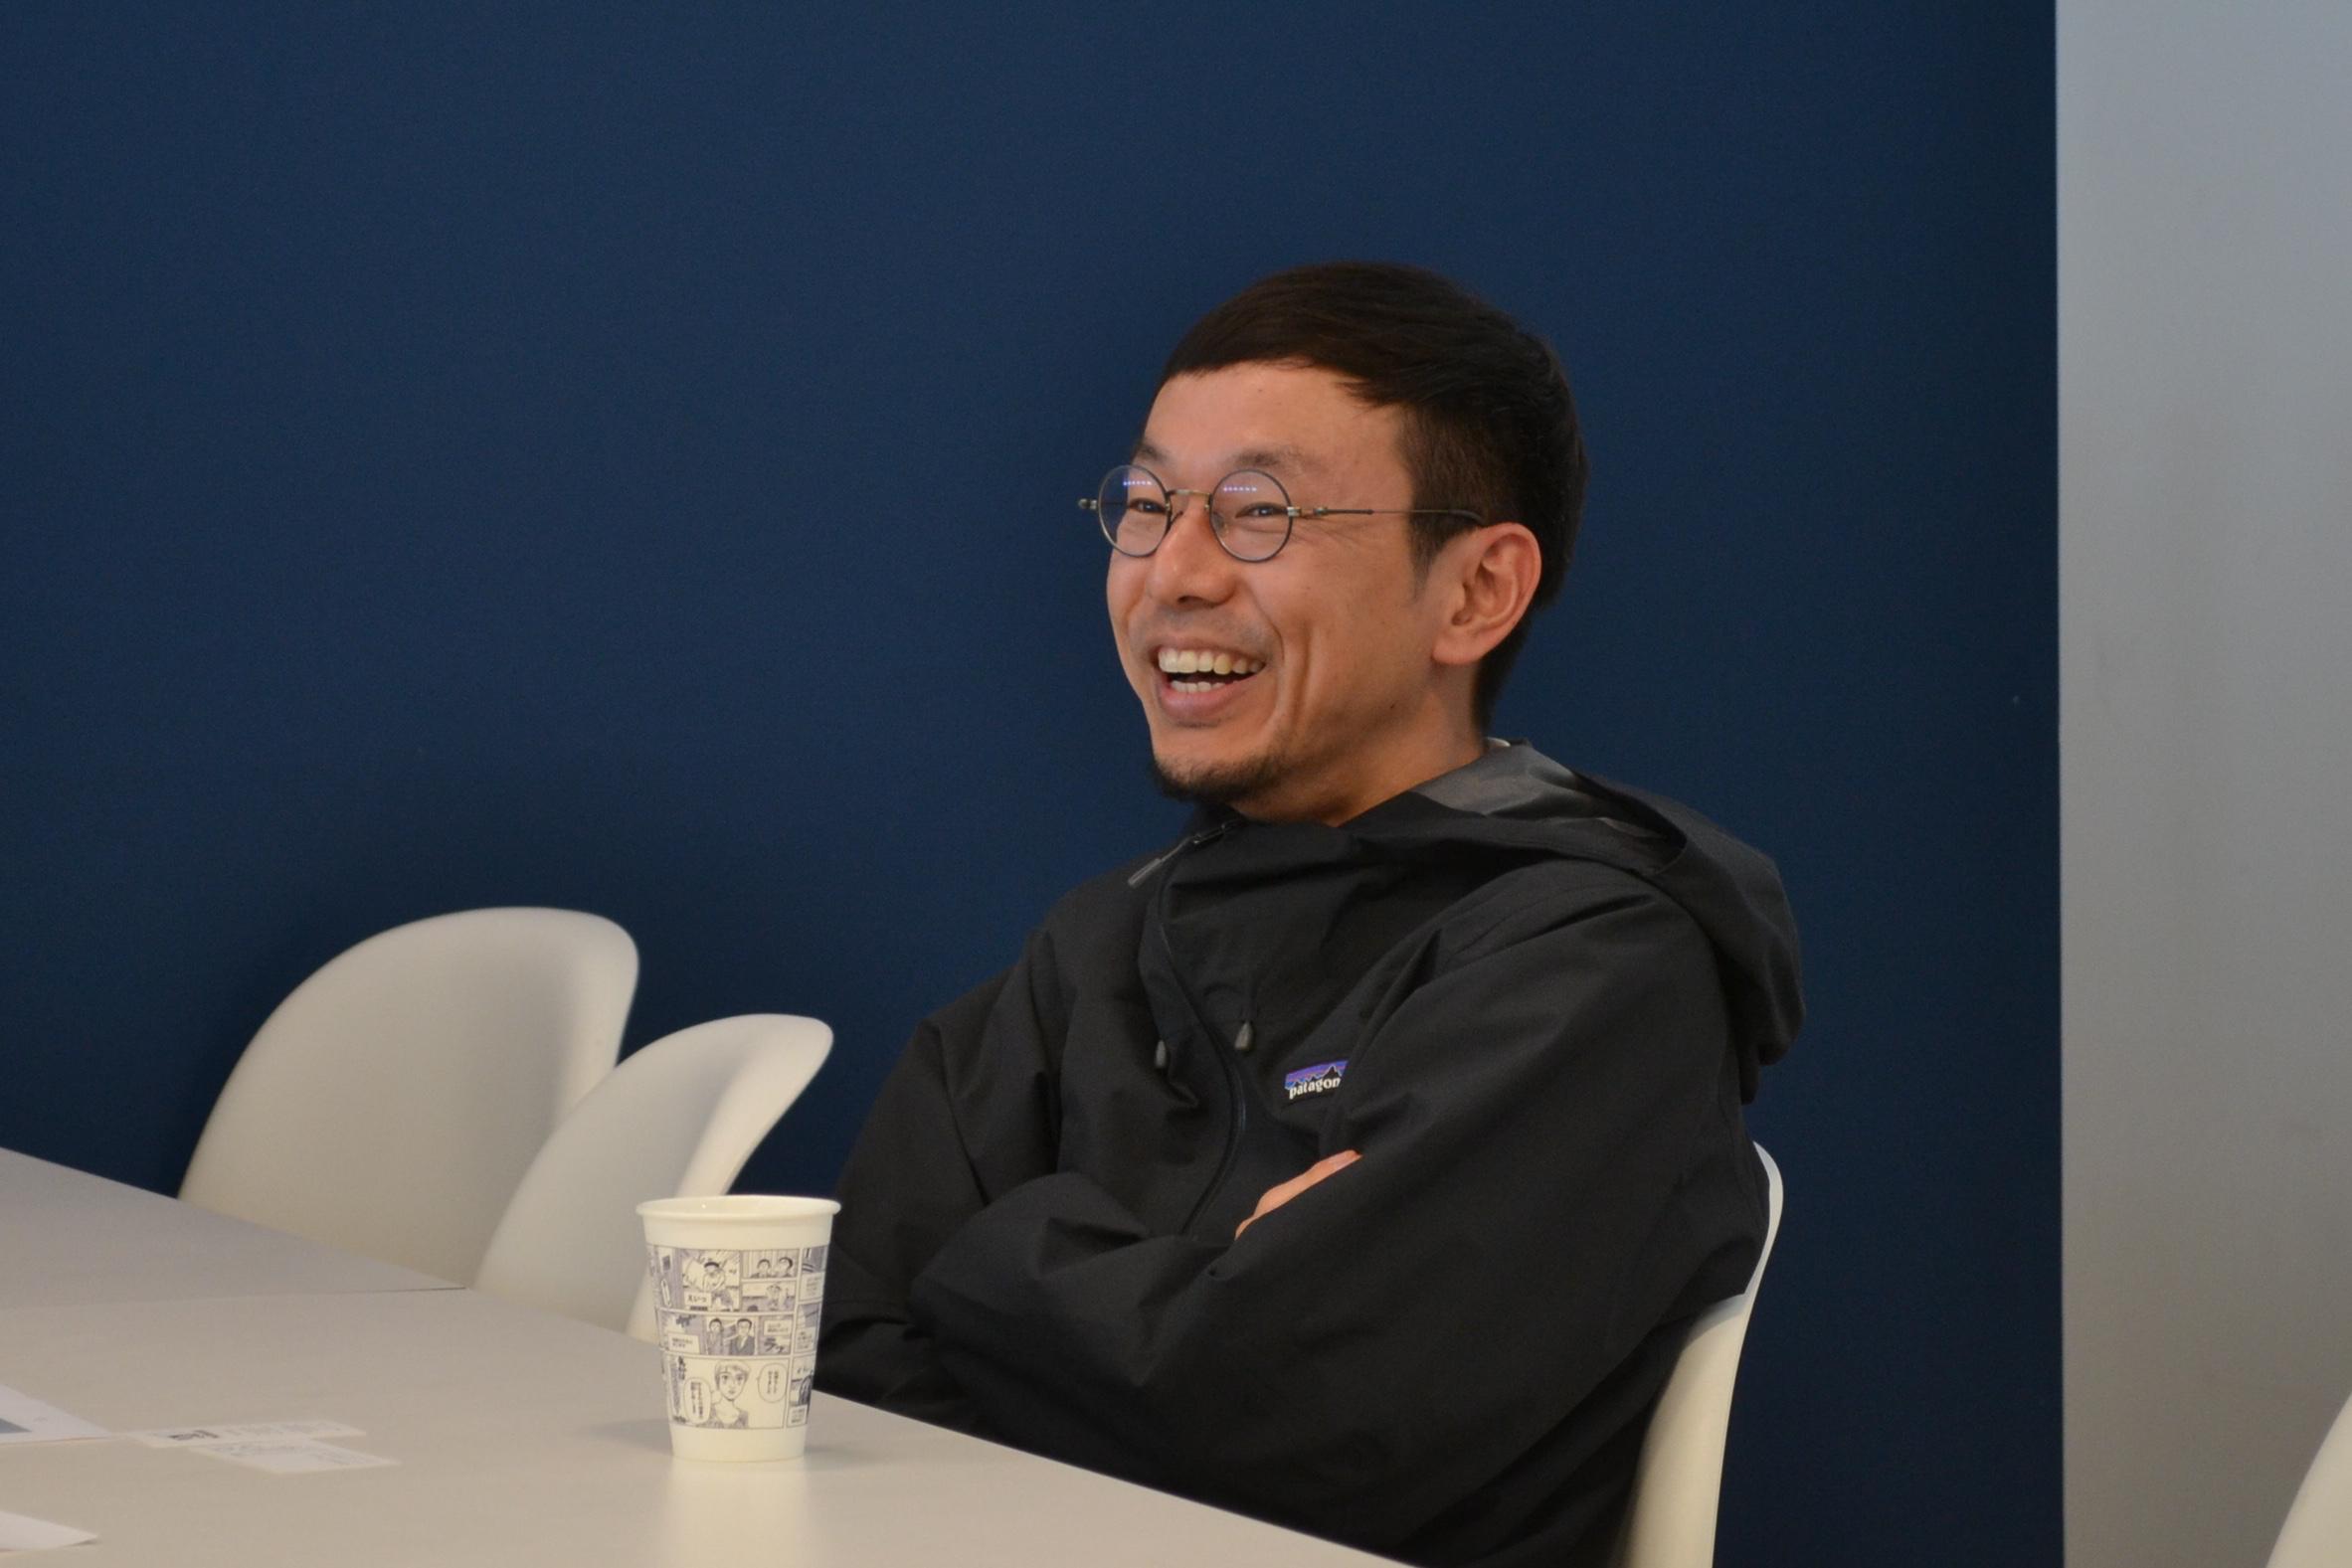 【インタビュー】面白法人カヤックCEO柳澤大輔さん vol.2|地域と関わり合い、貢献し、ともに成長するのが次の時代の 企業のあり方